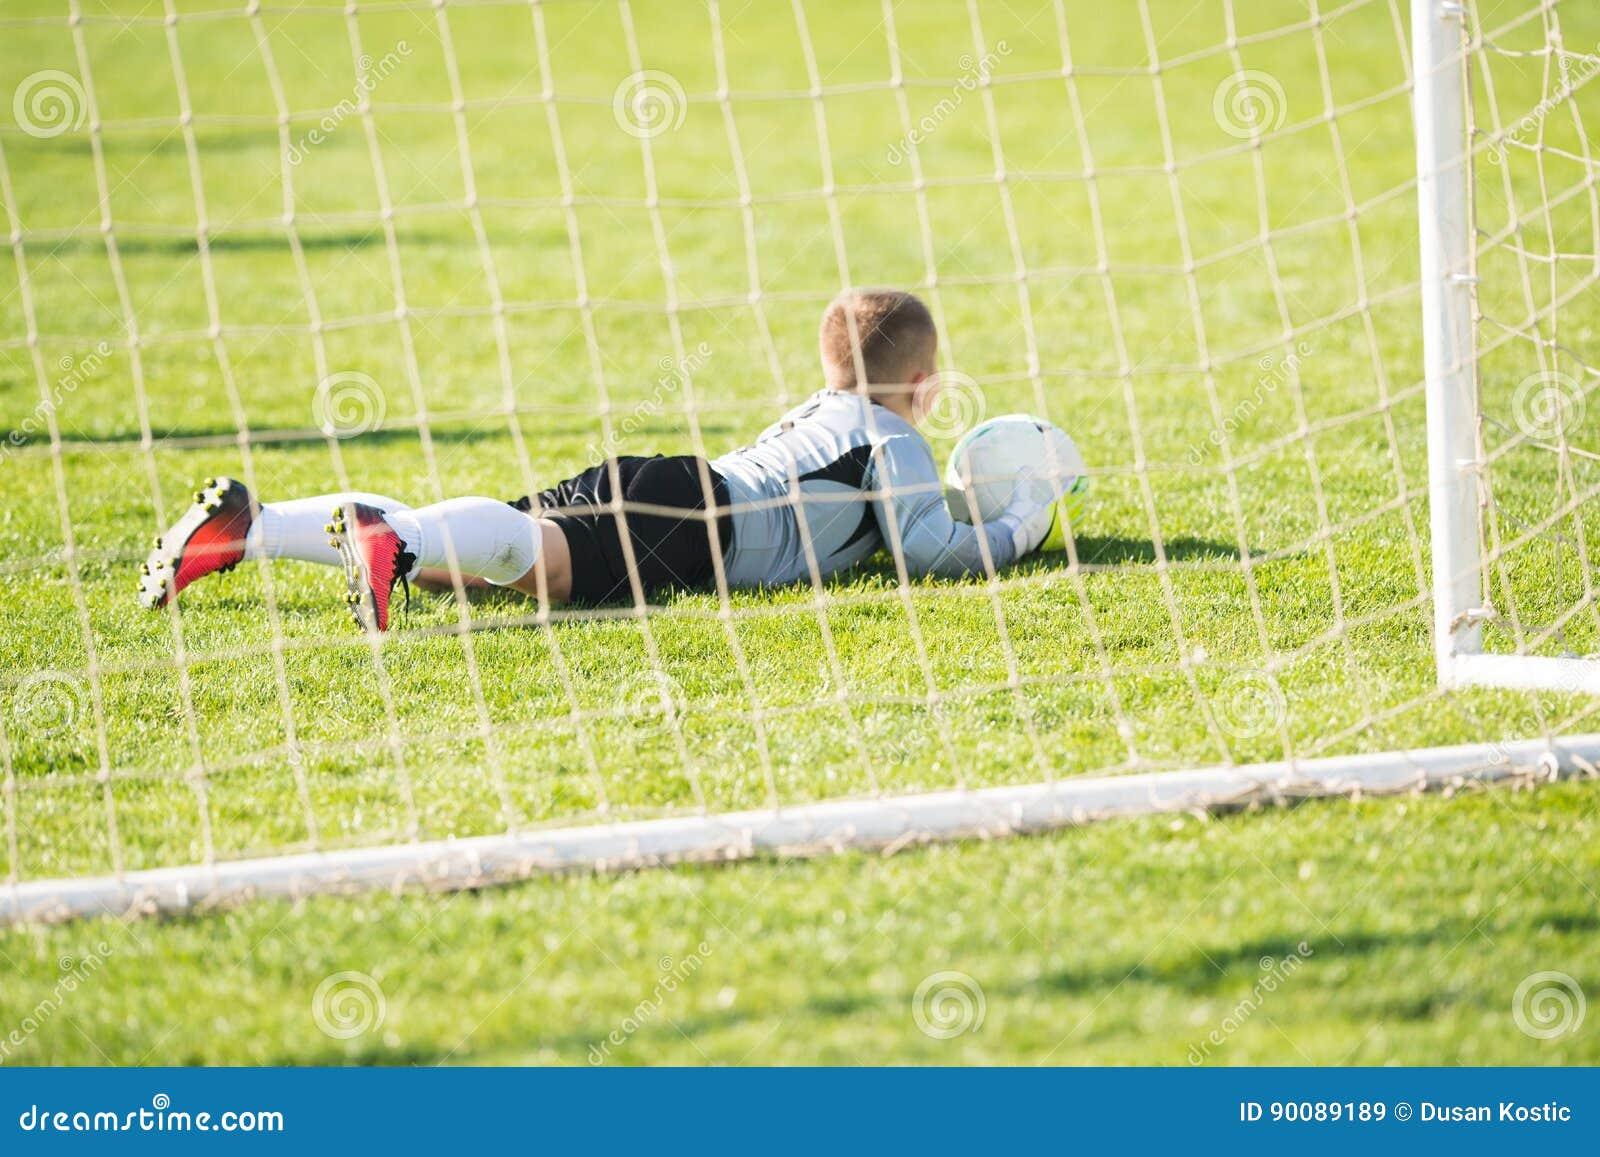 Ποδόσφαιρο ποδοσφαίρου παιδιών - φύλακας στόχου στην αντιστοιχία στο γήπεδο ποδοσφαίρου